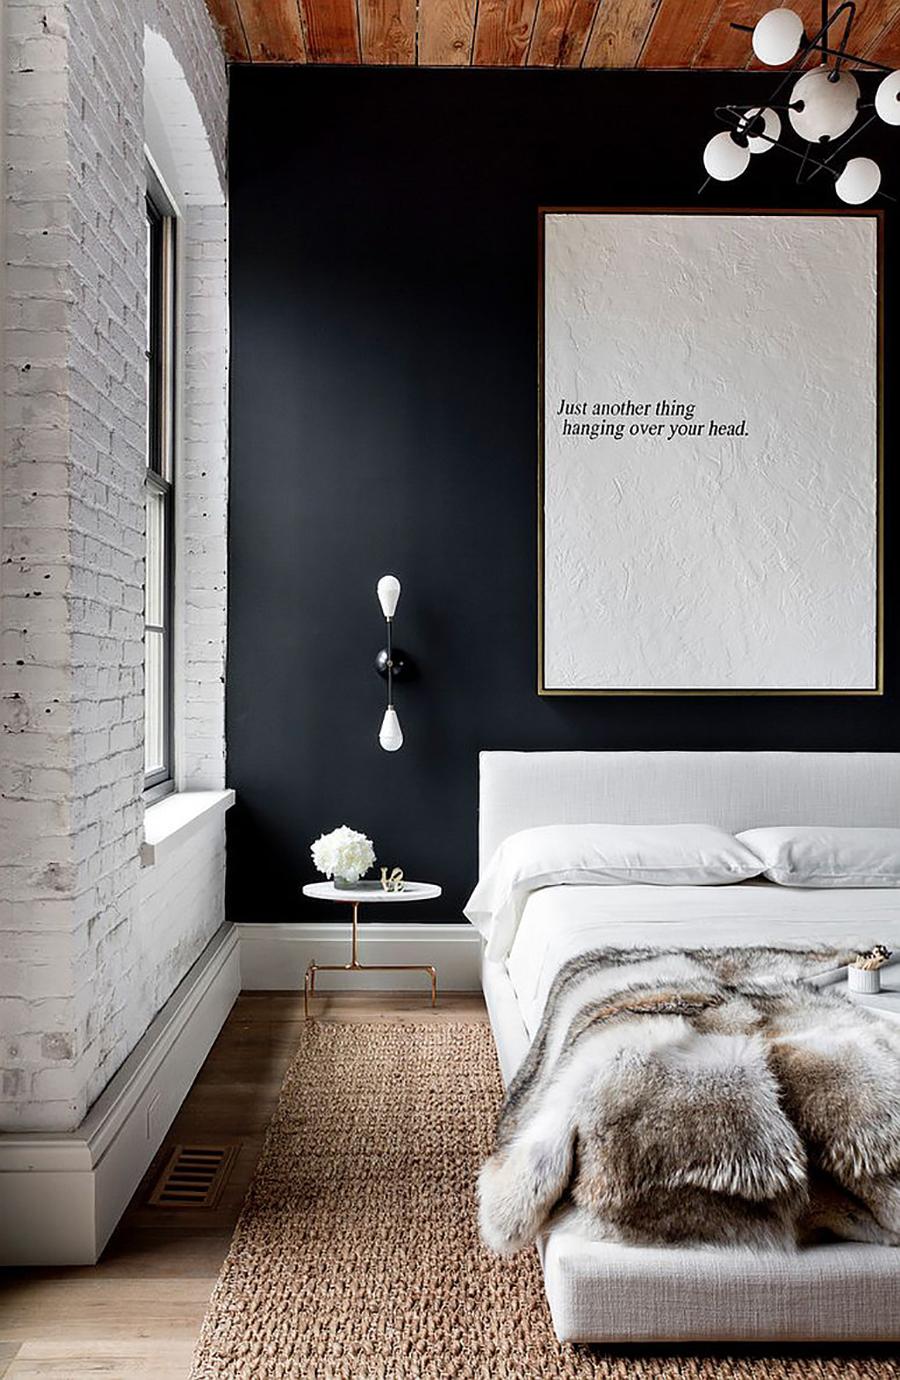 Un dormitorio con una pared blanca de ladrillo expuesto y otra negra, con una cama, alfombra, velador, una pequeña lámpara, una lámpara colgante y un gran cuadro blanco con una frase.